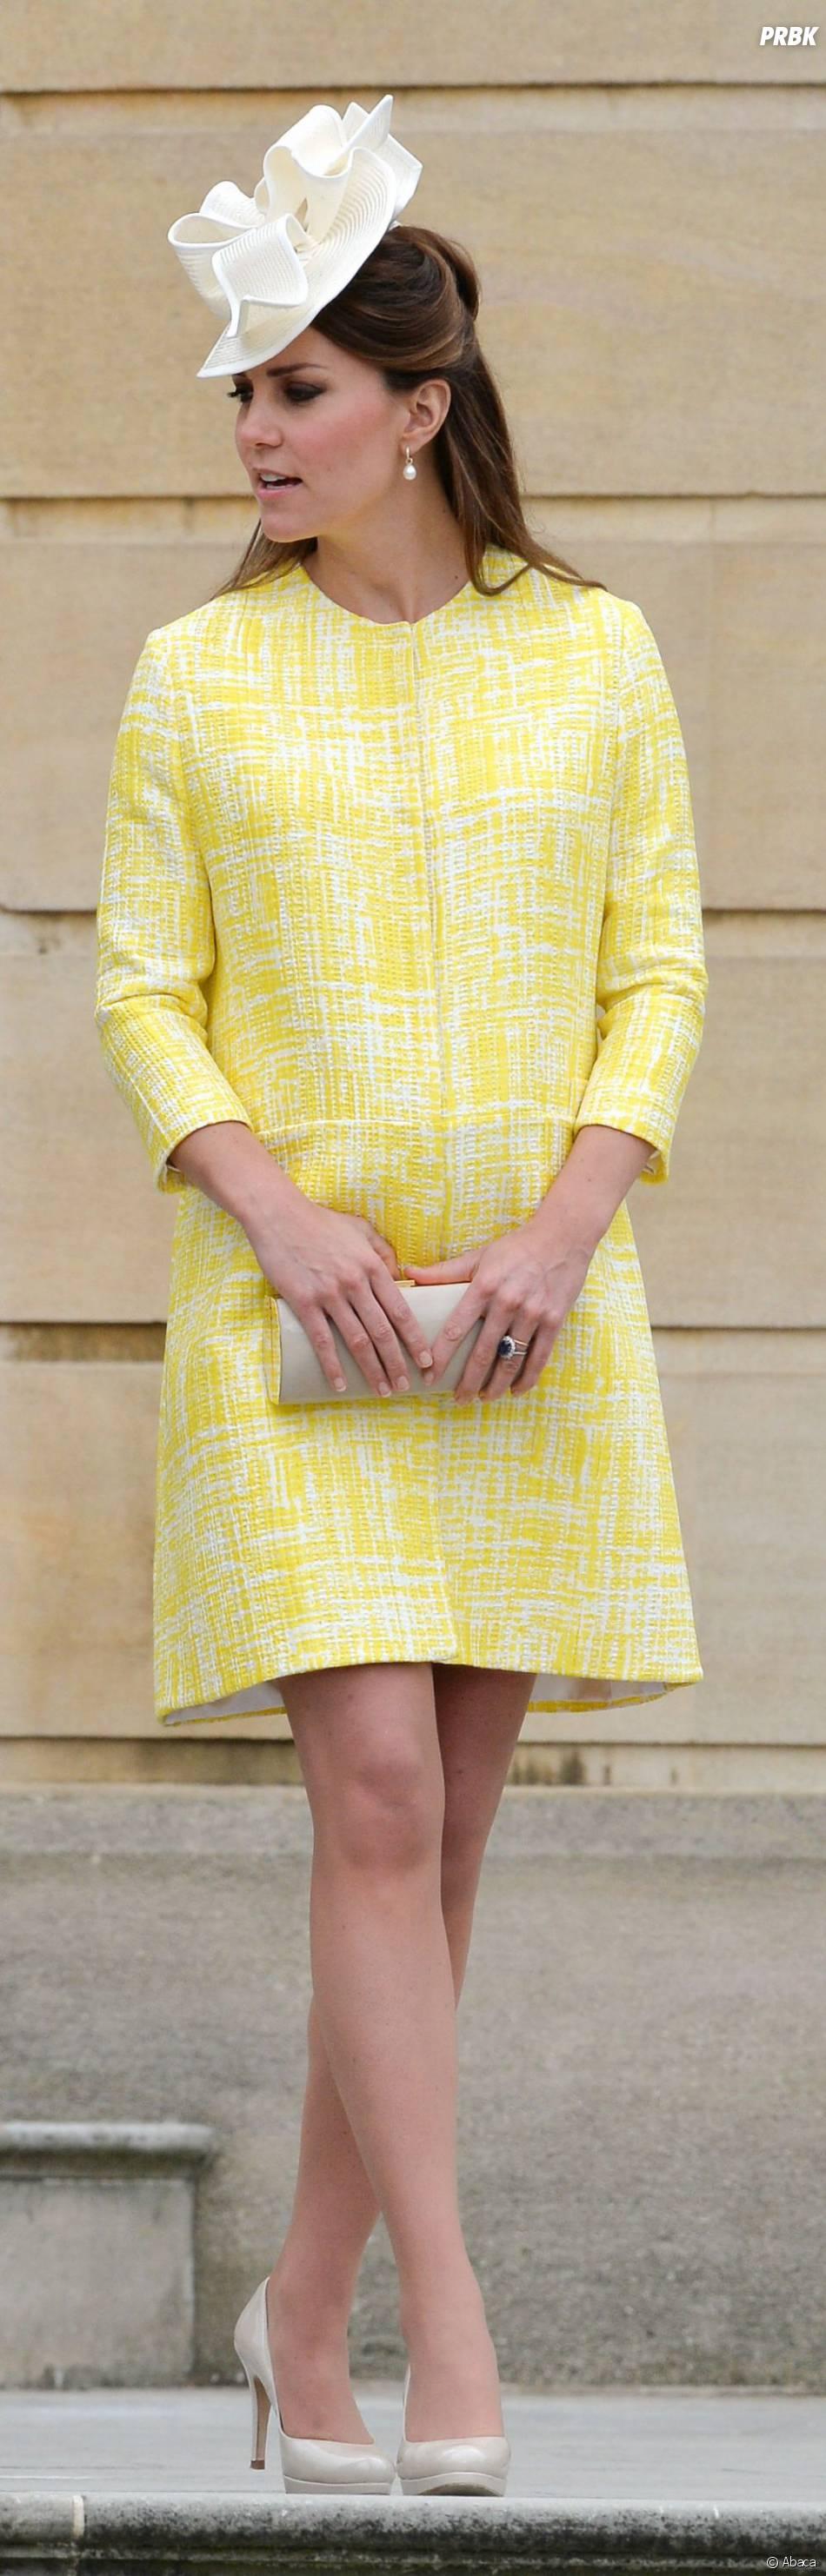 Kate Middleton a accouché le 22 juillet 2013